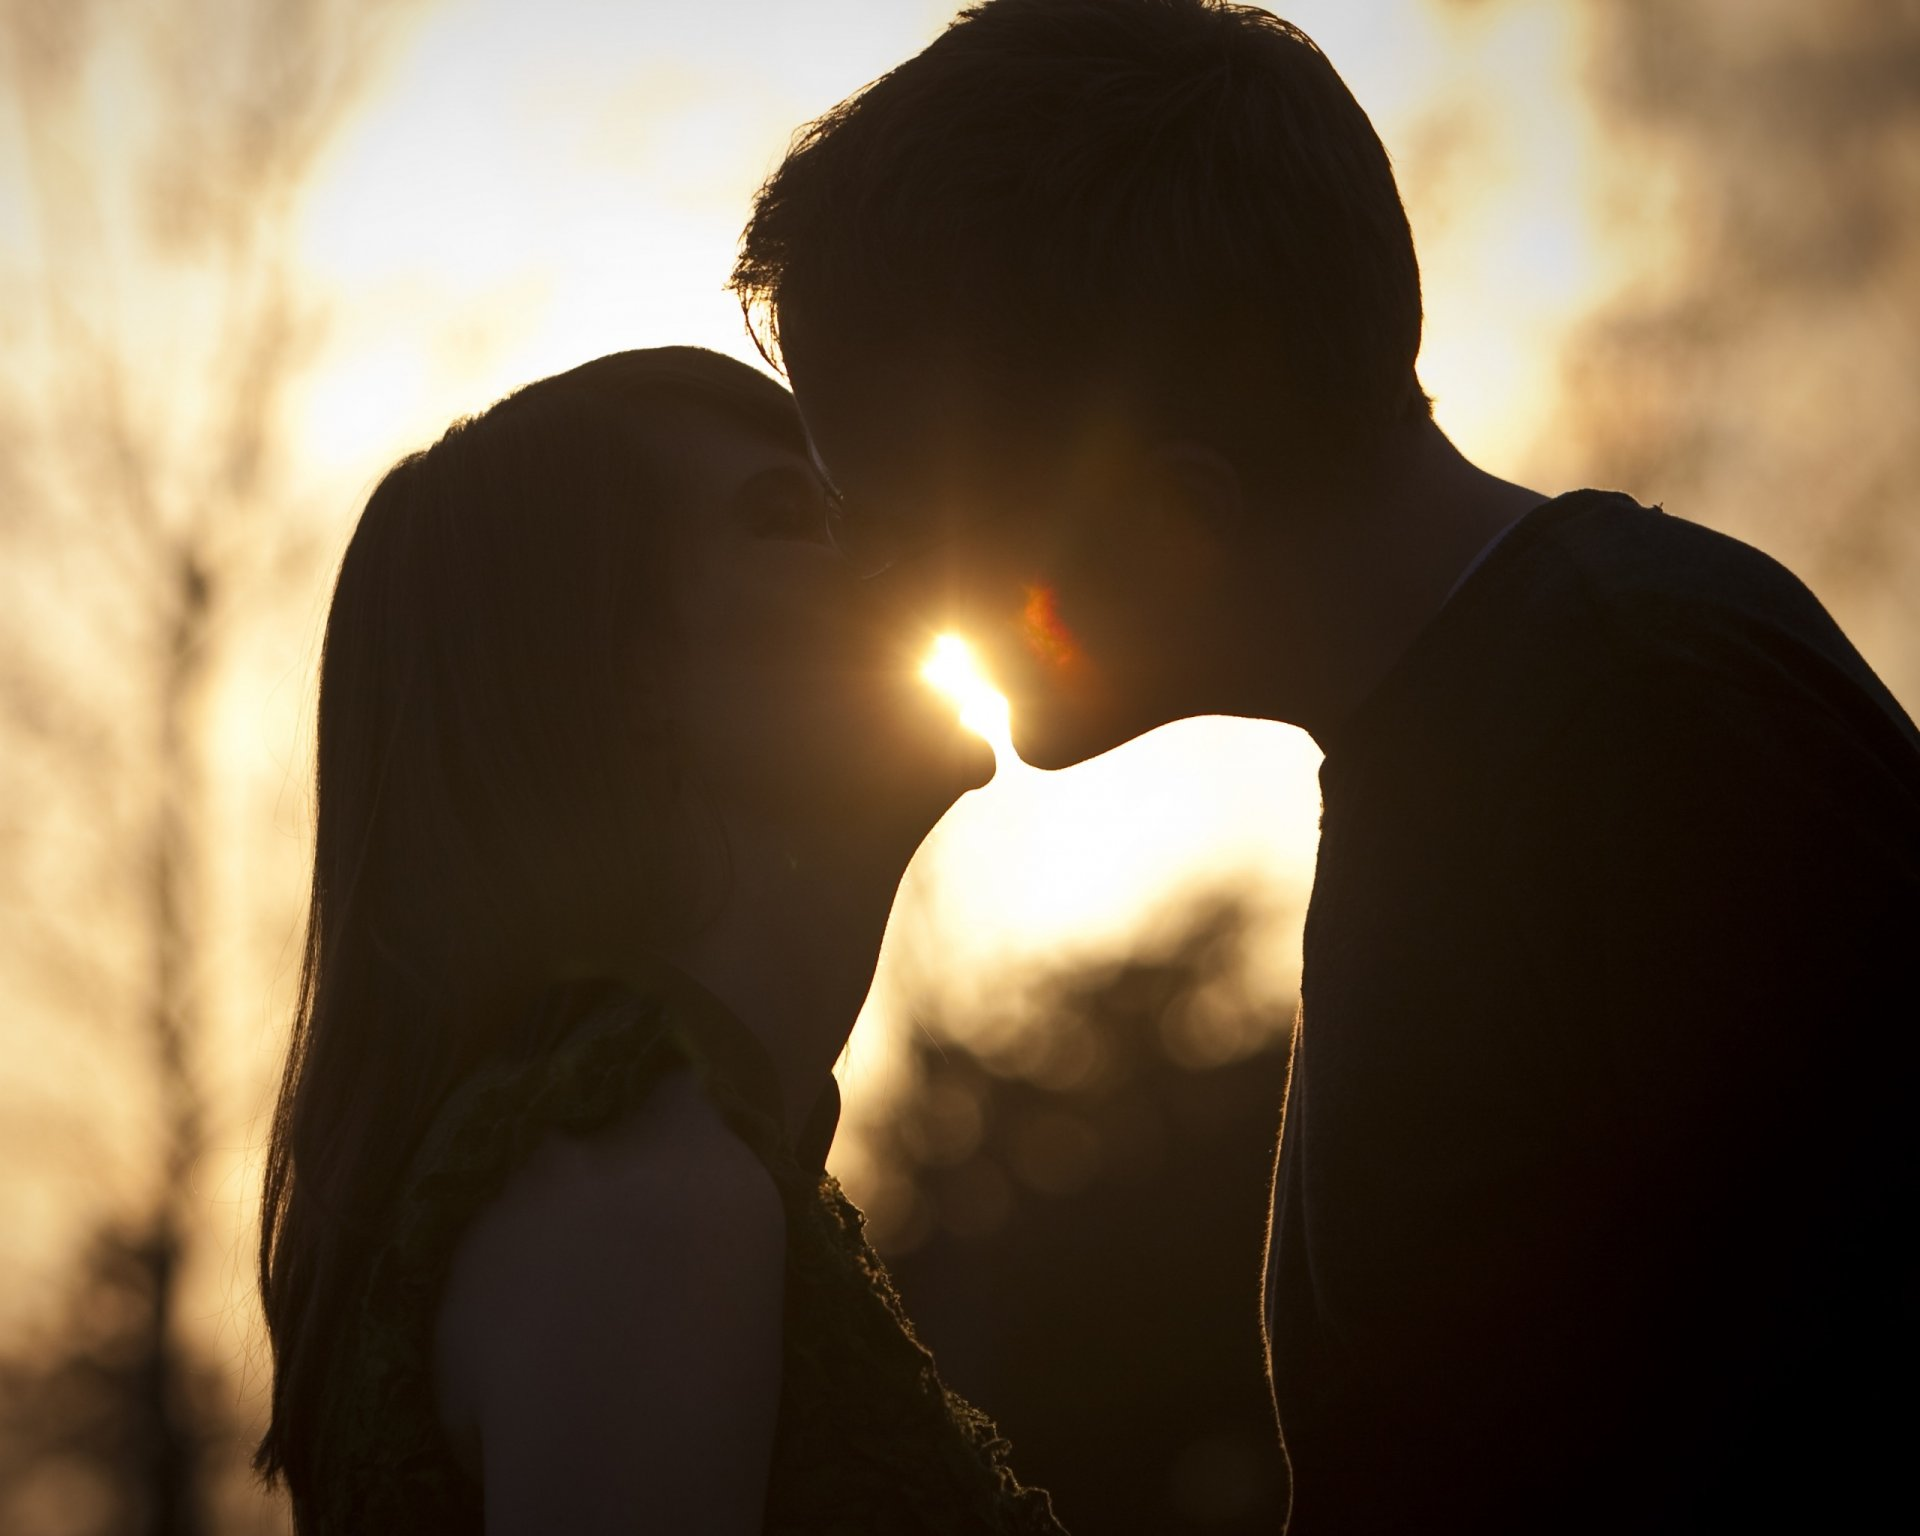 Картинки влюбленных пары, картинки про